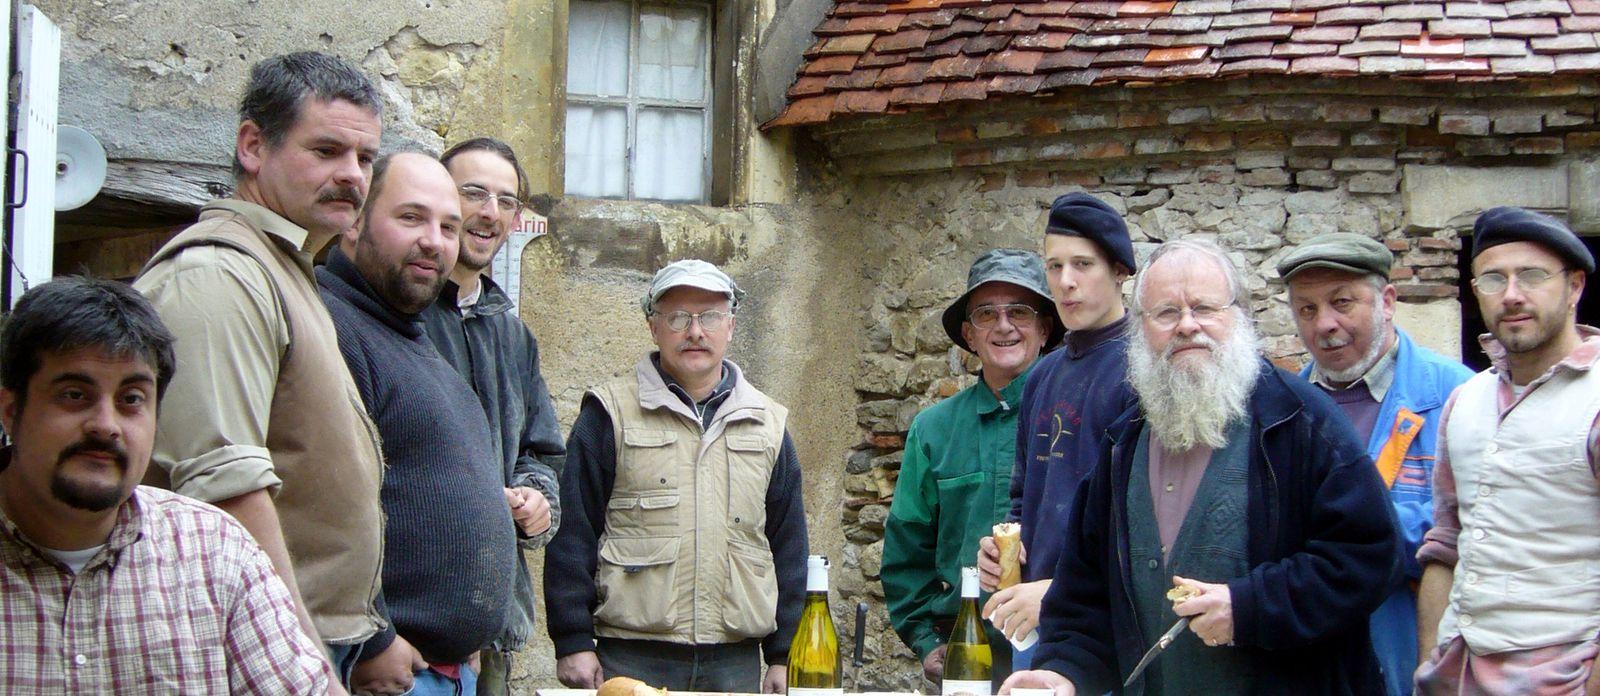 En 2006, couteau et verre en main, assurant le casse-croûte de 10 heures à la future Maison de la Batellerie